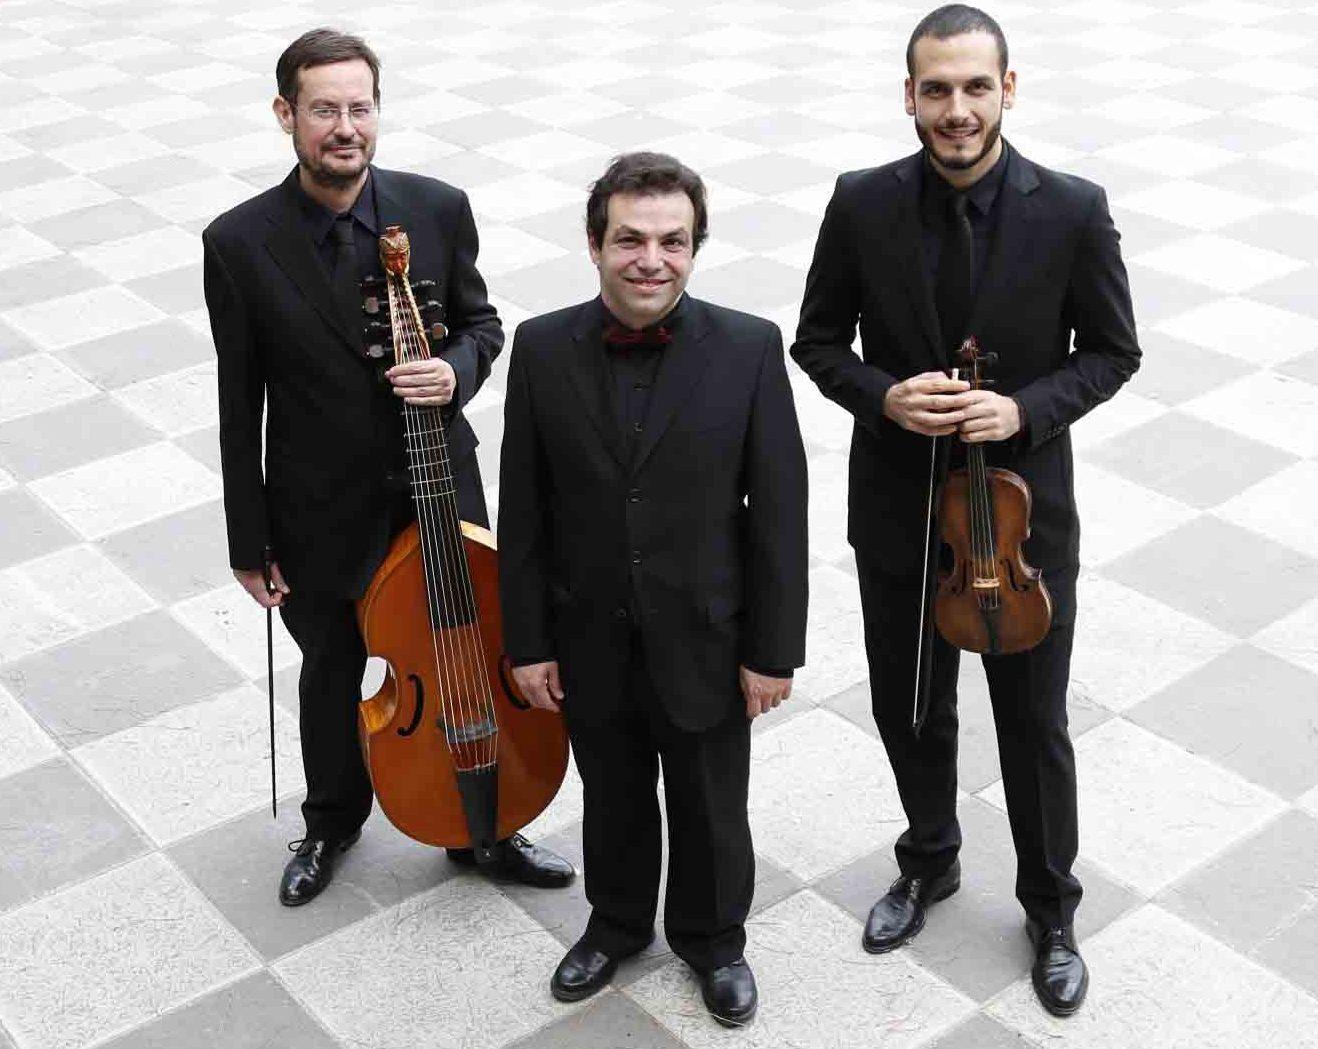 Yago Mahúgo, en el centro, junto a Jordi Comellas y Pablo Gutiérrez, miembros de Ímpetus Madrid Baroque Ensemble.